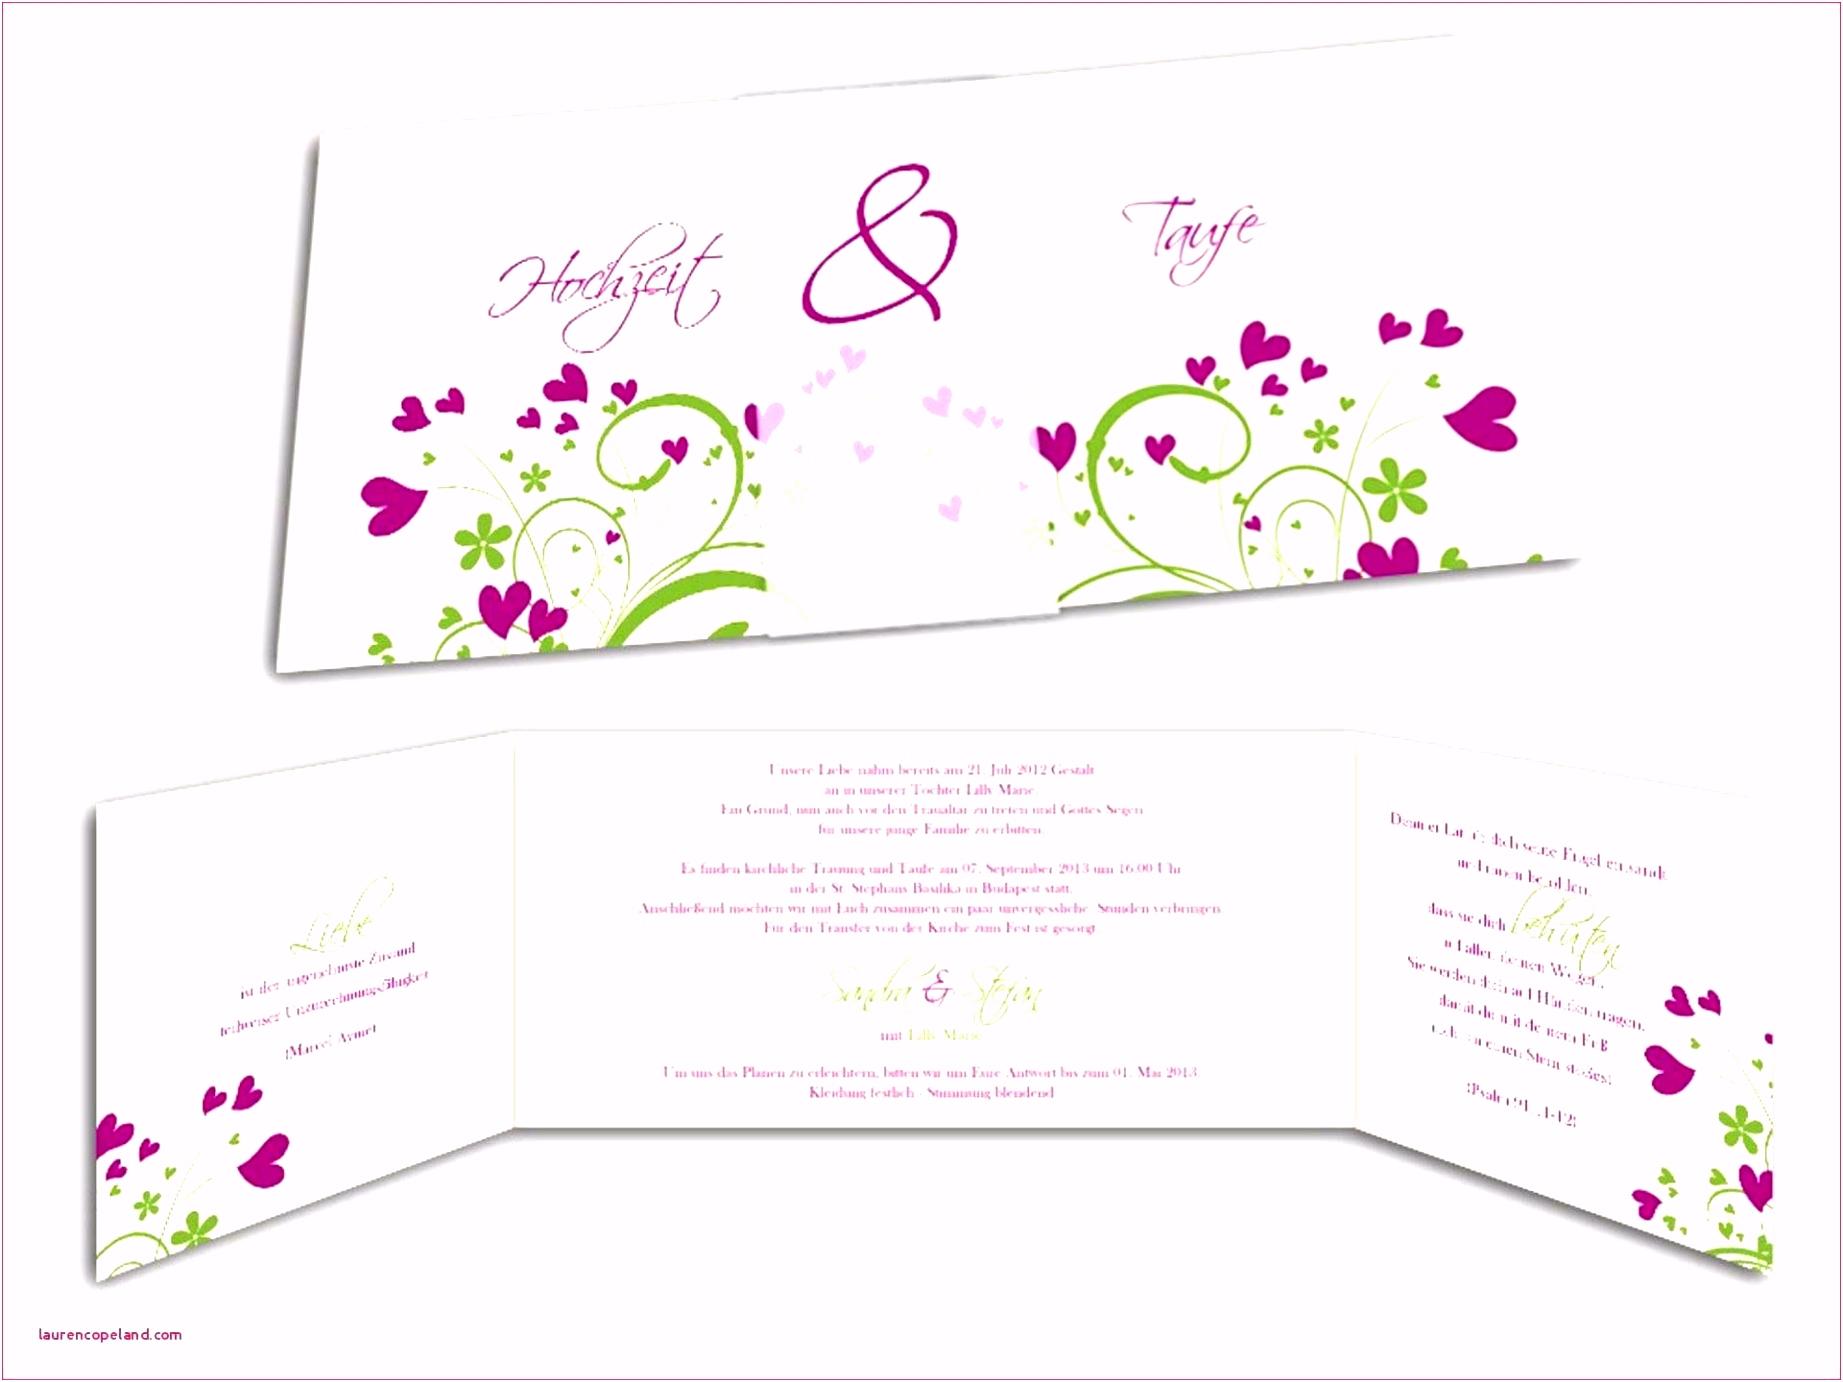 Sitzplan Hochzeit Vorlage Vorlage Hochzeitskarte Neu Media Image 0d